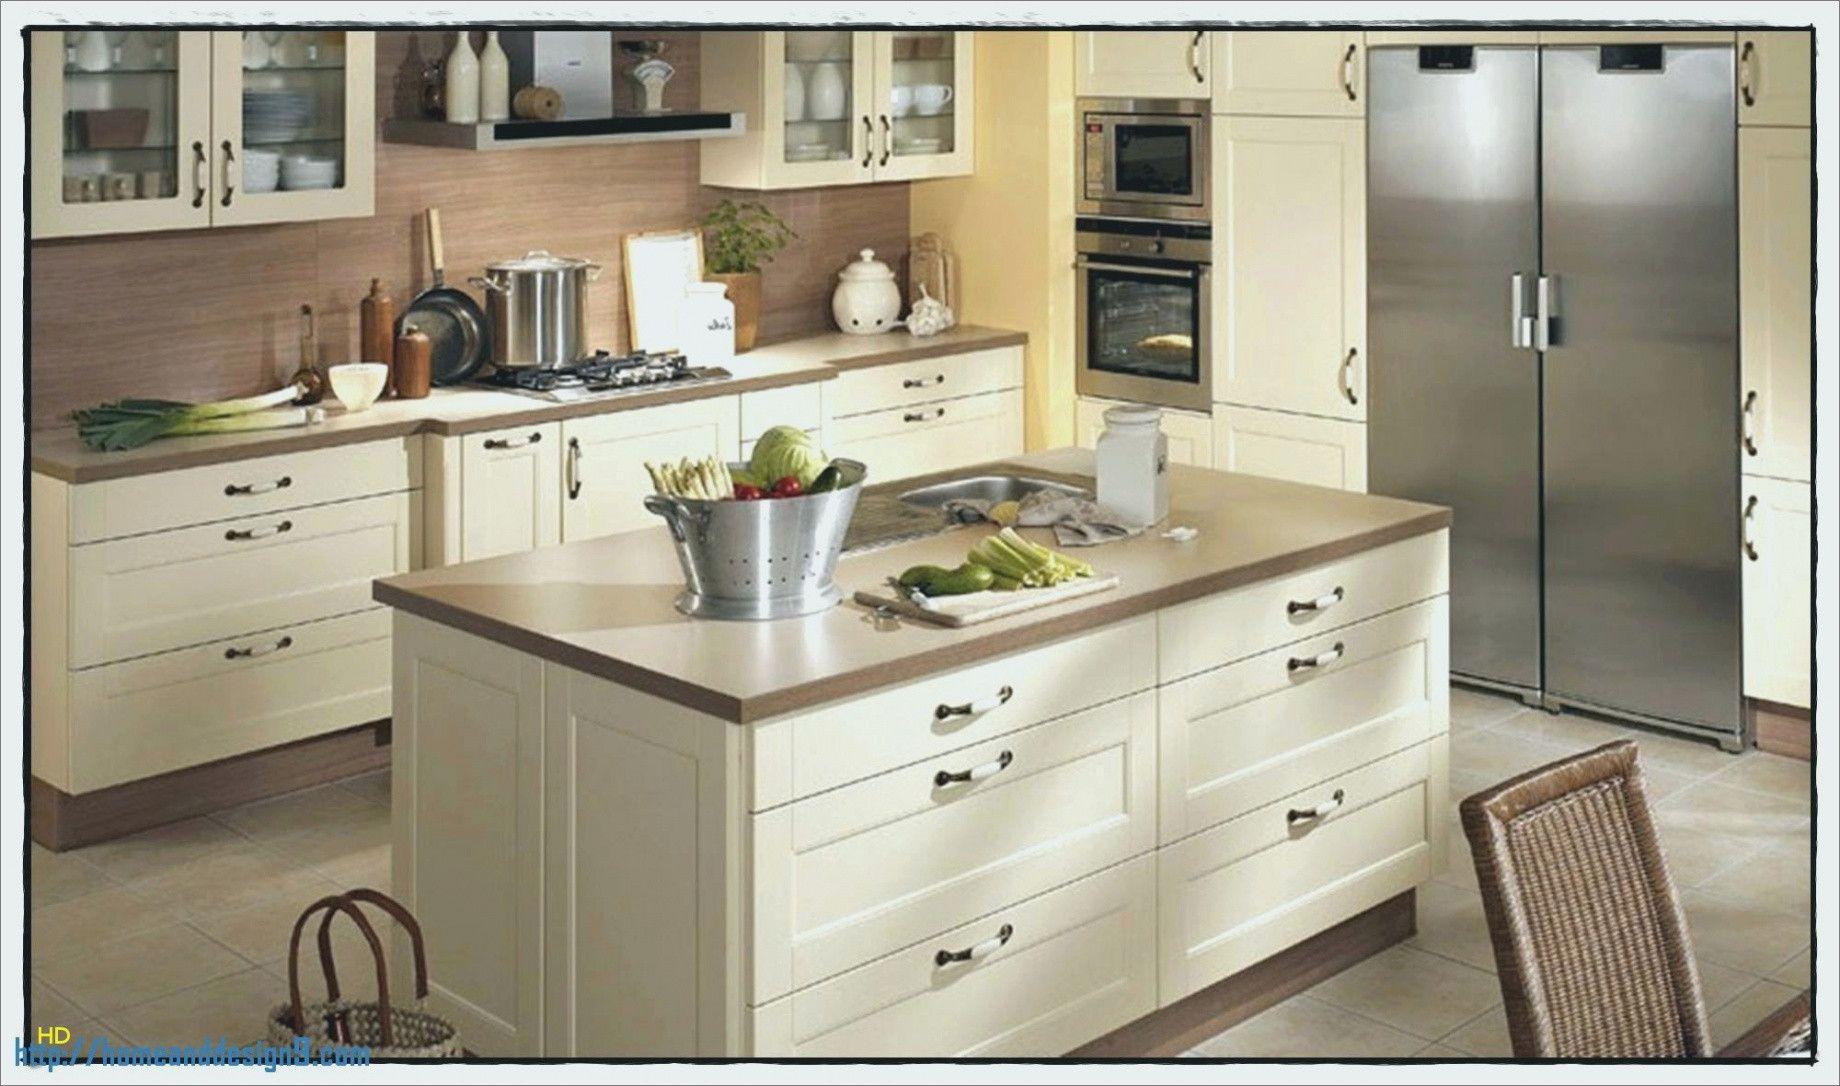 Unique Hauteur Ilot Cuisine Ilot Central Table Hauteur Plan De Travail Ou Avec Images Meuble Cuisine Ilot Central Table Chaise De Cuisine Ikea